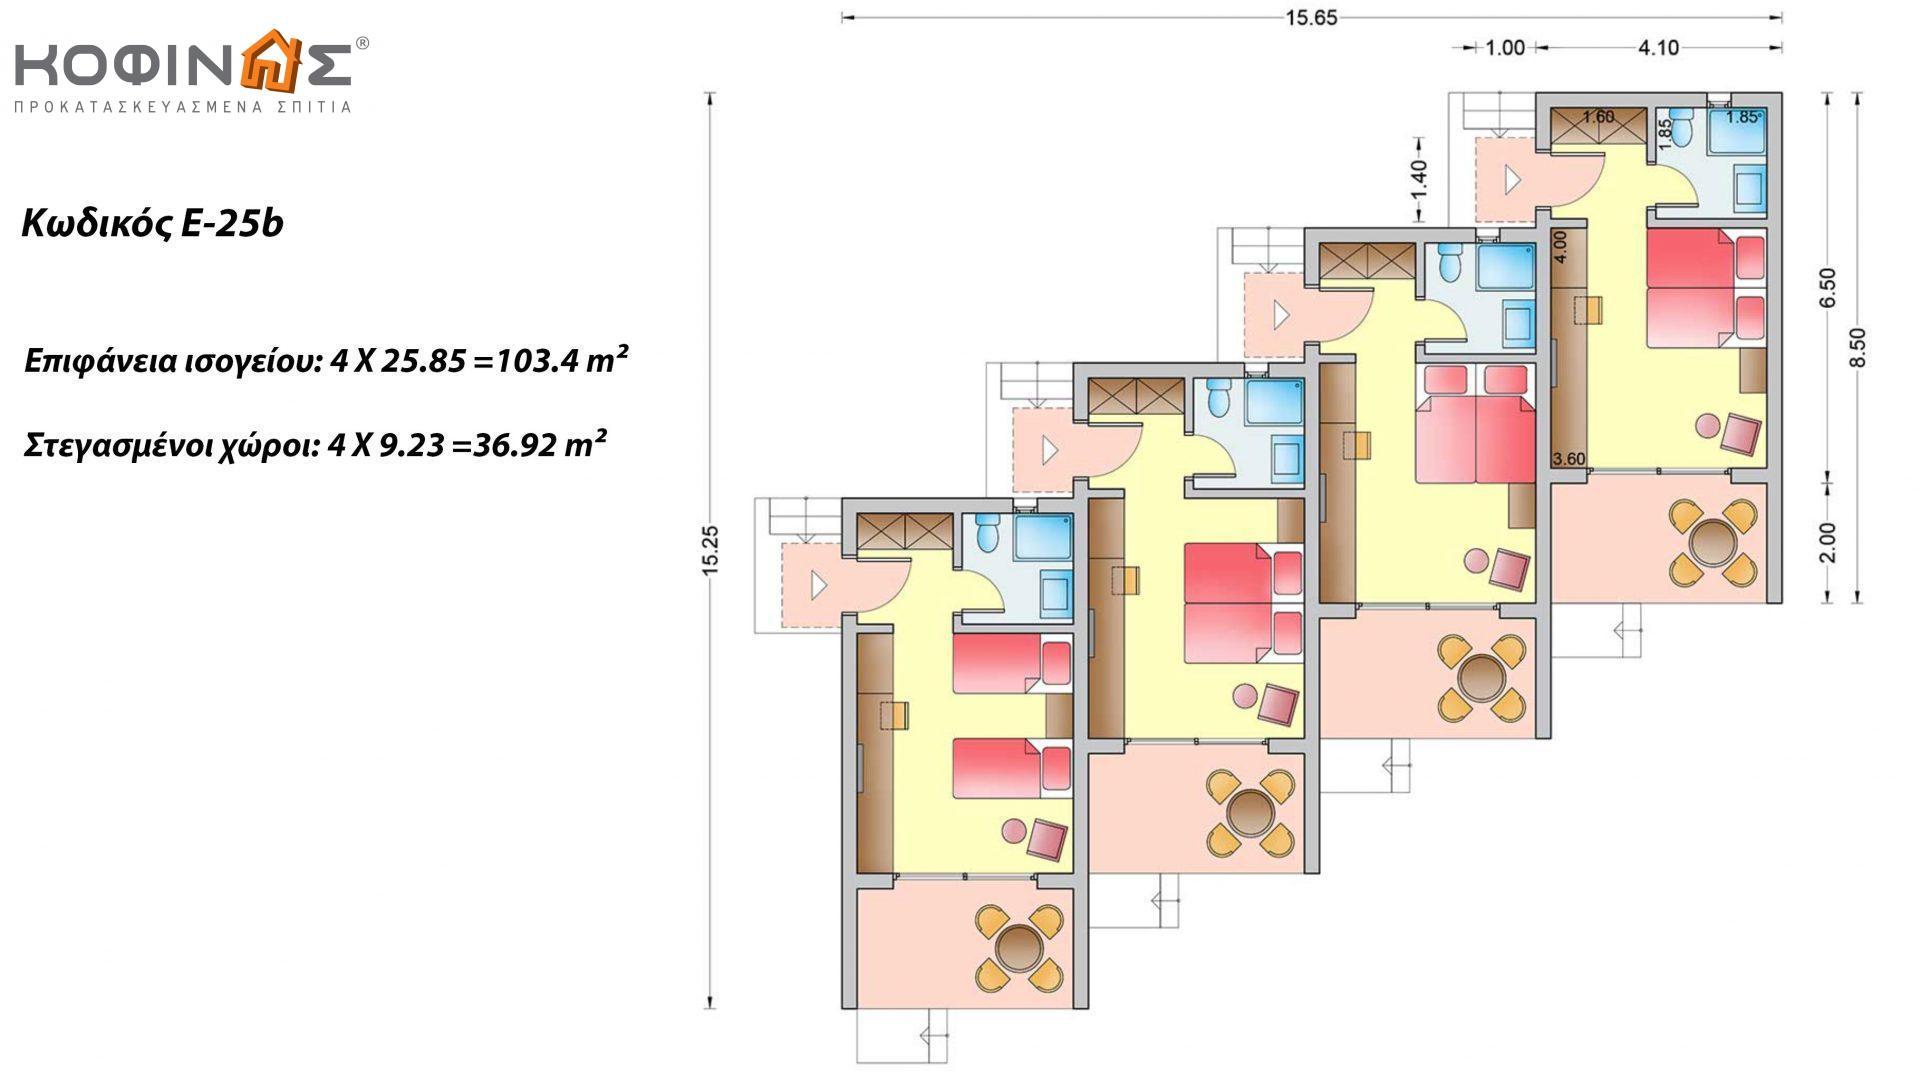 Συγκρότημα Κατοικιών E-25b, συνολικής επιφάνειας 4 x 25,85 = 103,40 τ.μ., στεγασμένοι χώροι 36,92 m²